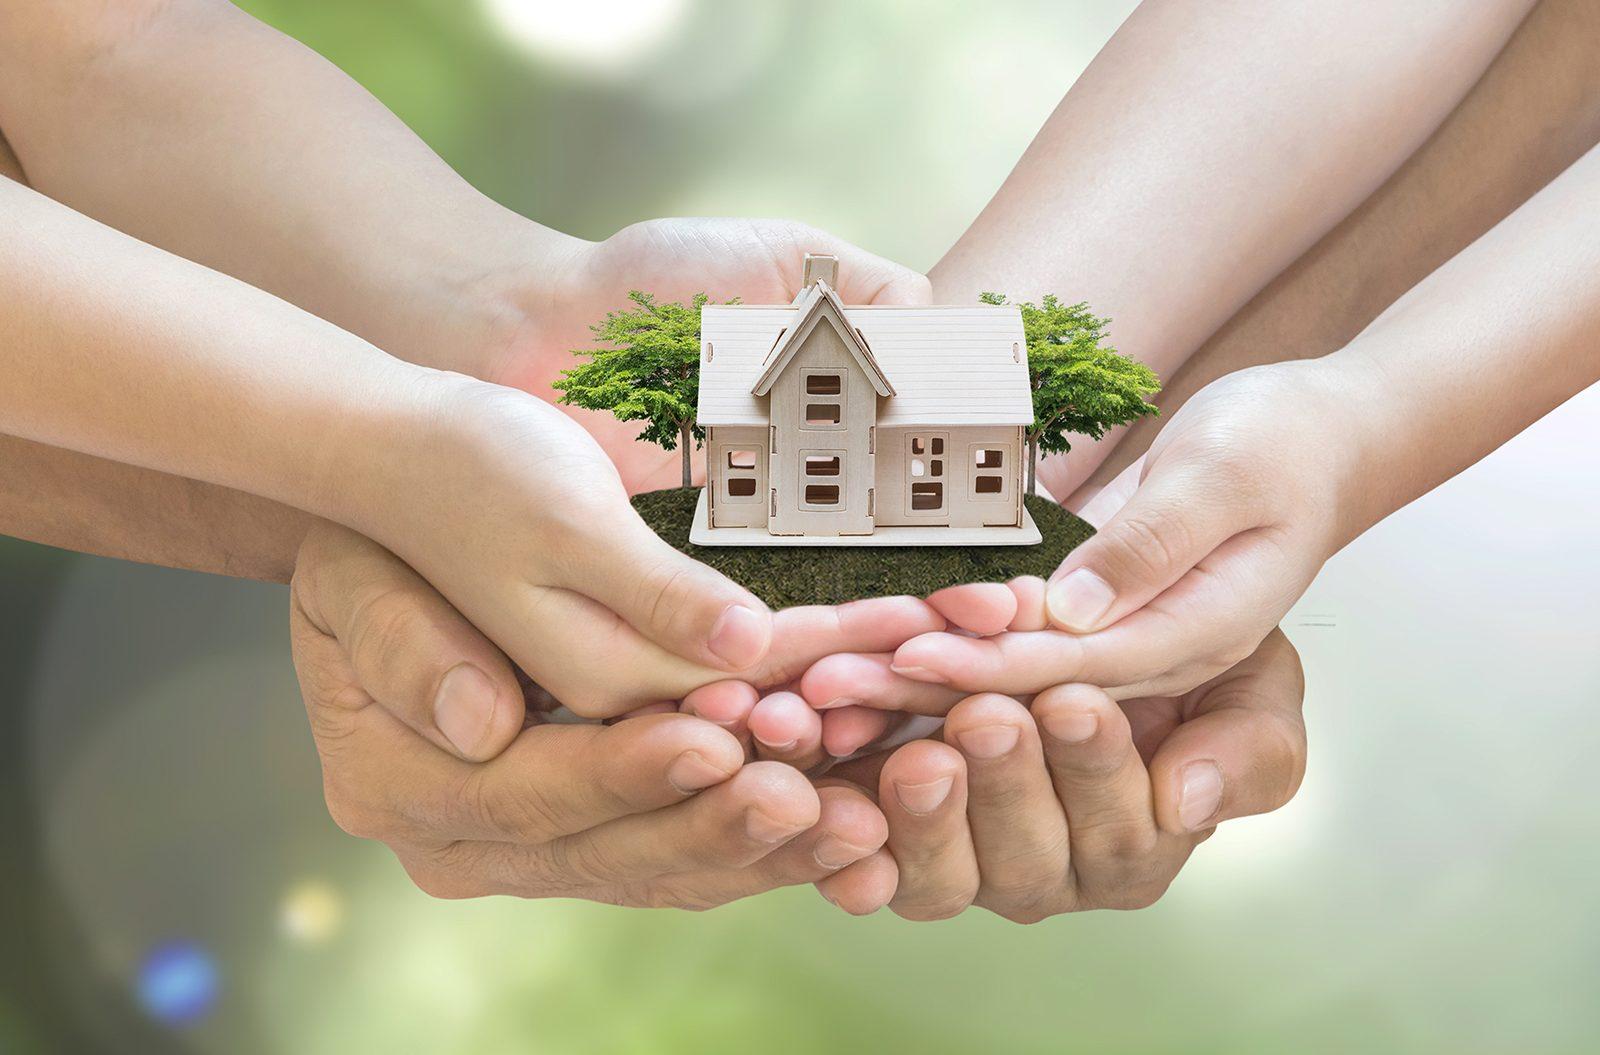 ErinThuis vangnet bij wonen, zorg en financien voor senioren